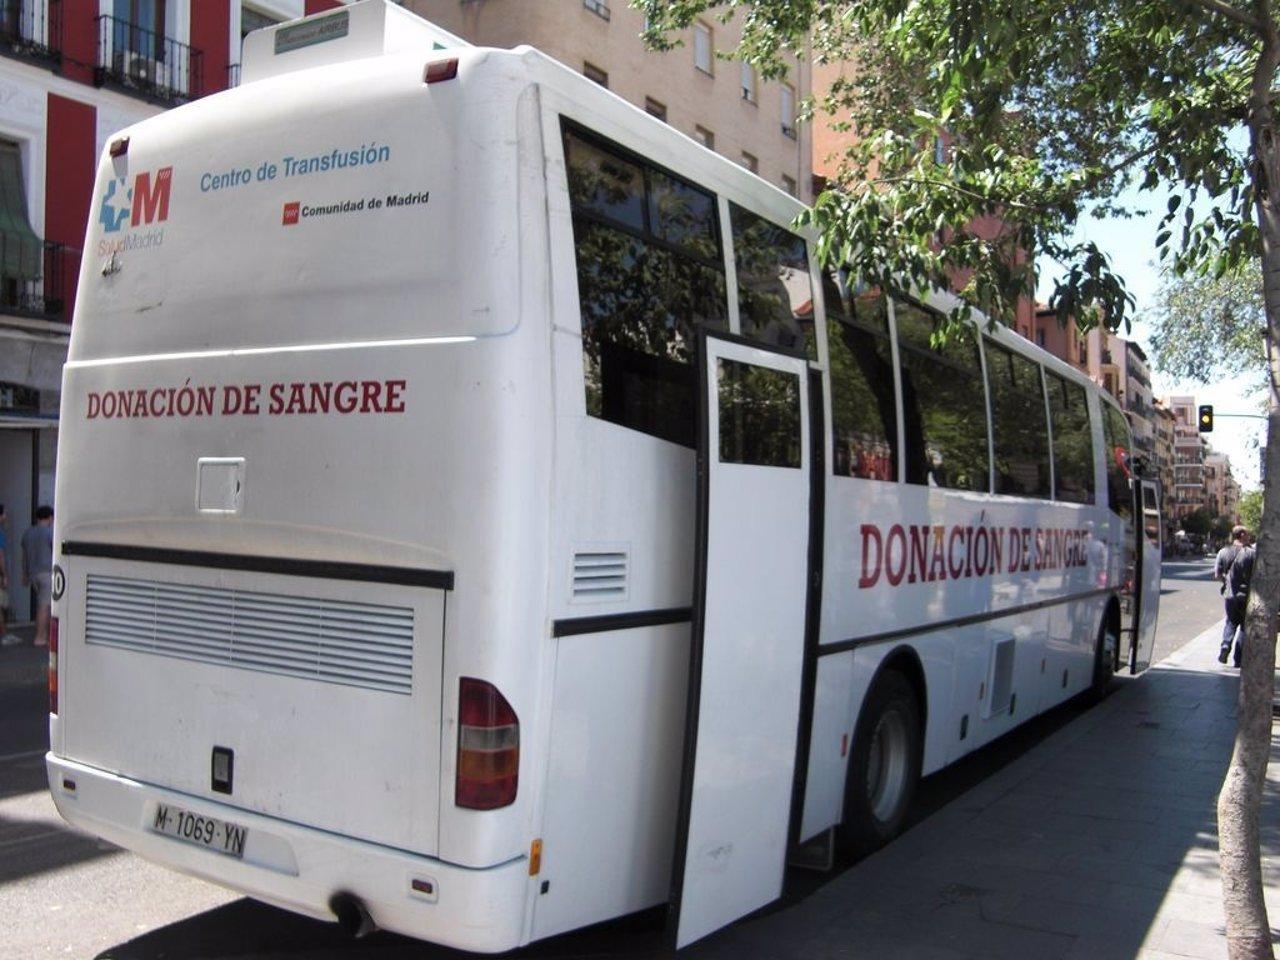 Unidad de donación de sangre en la Comunidad de Madrid